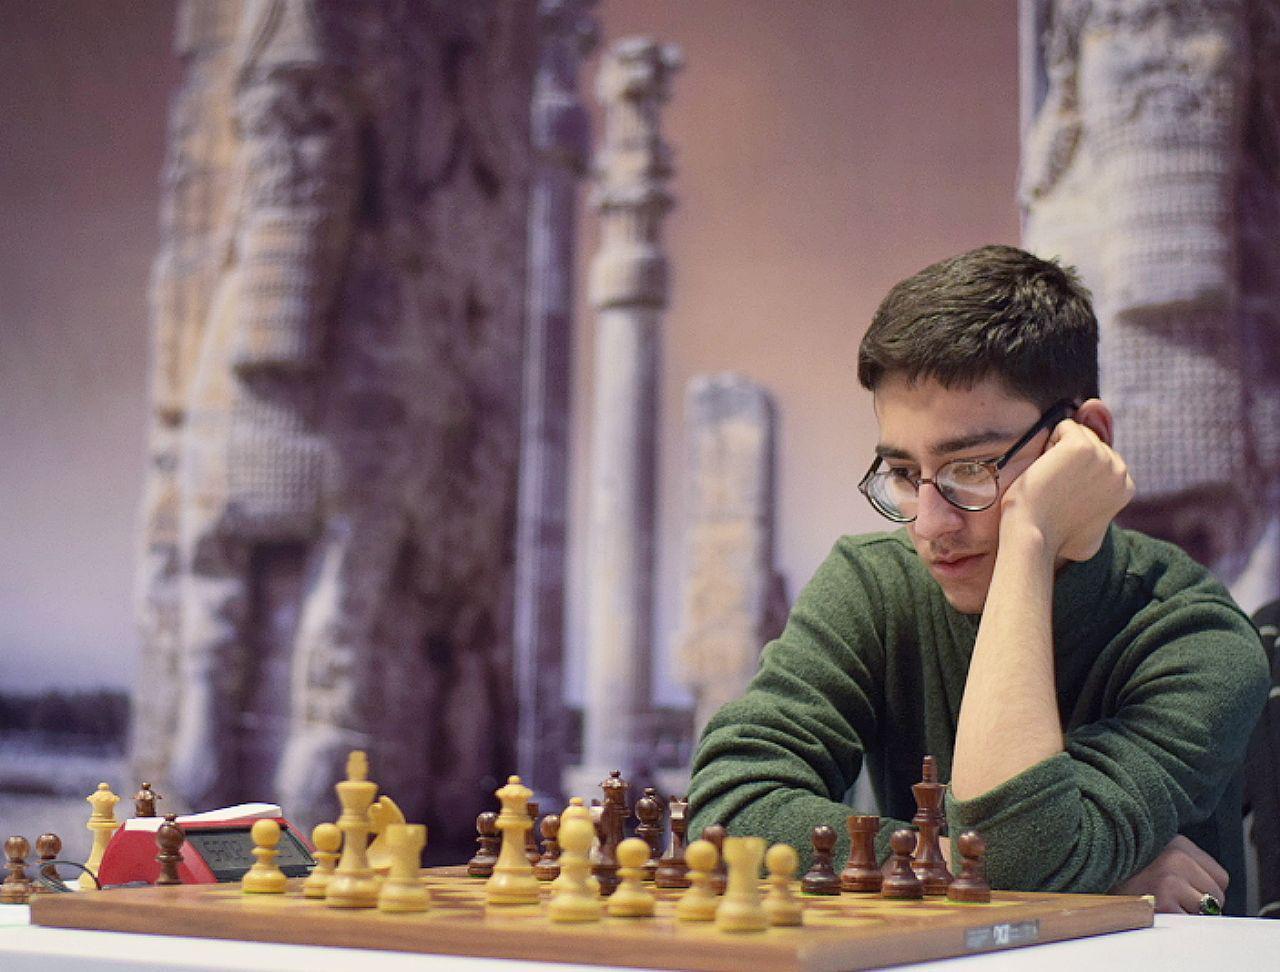 طلبکار جدید پرسپولیس؛ یک شطرنج باز